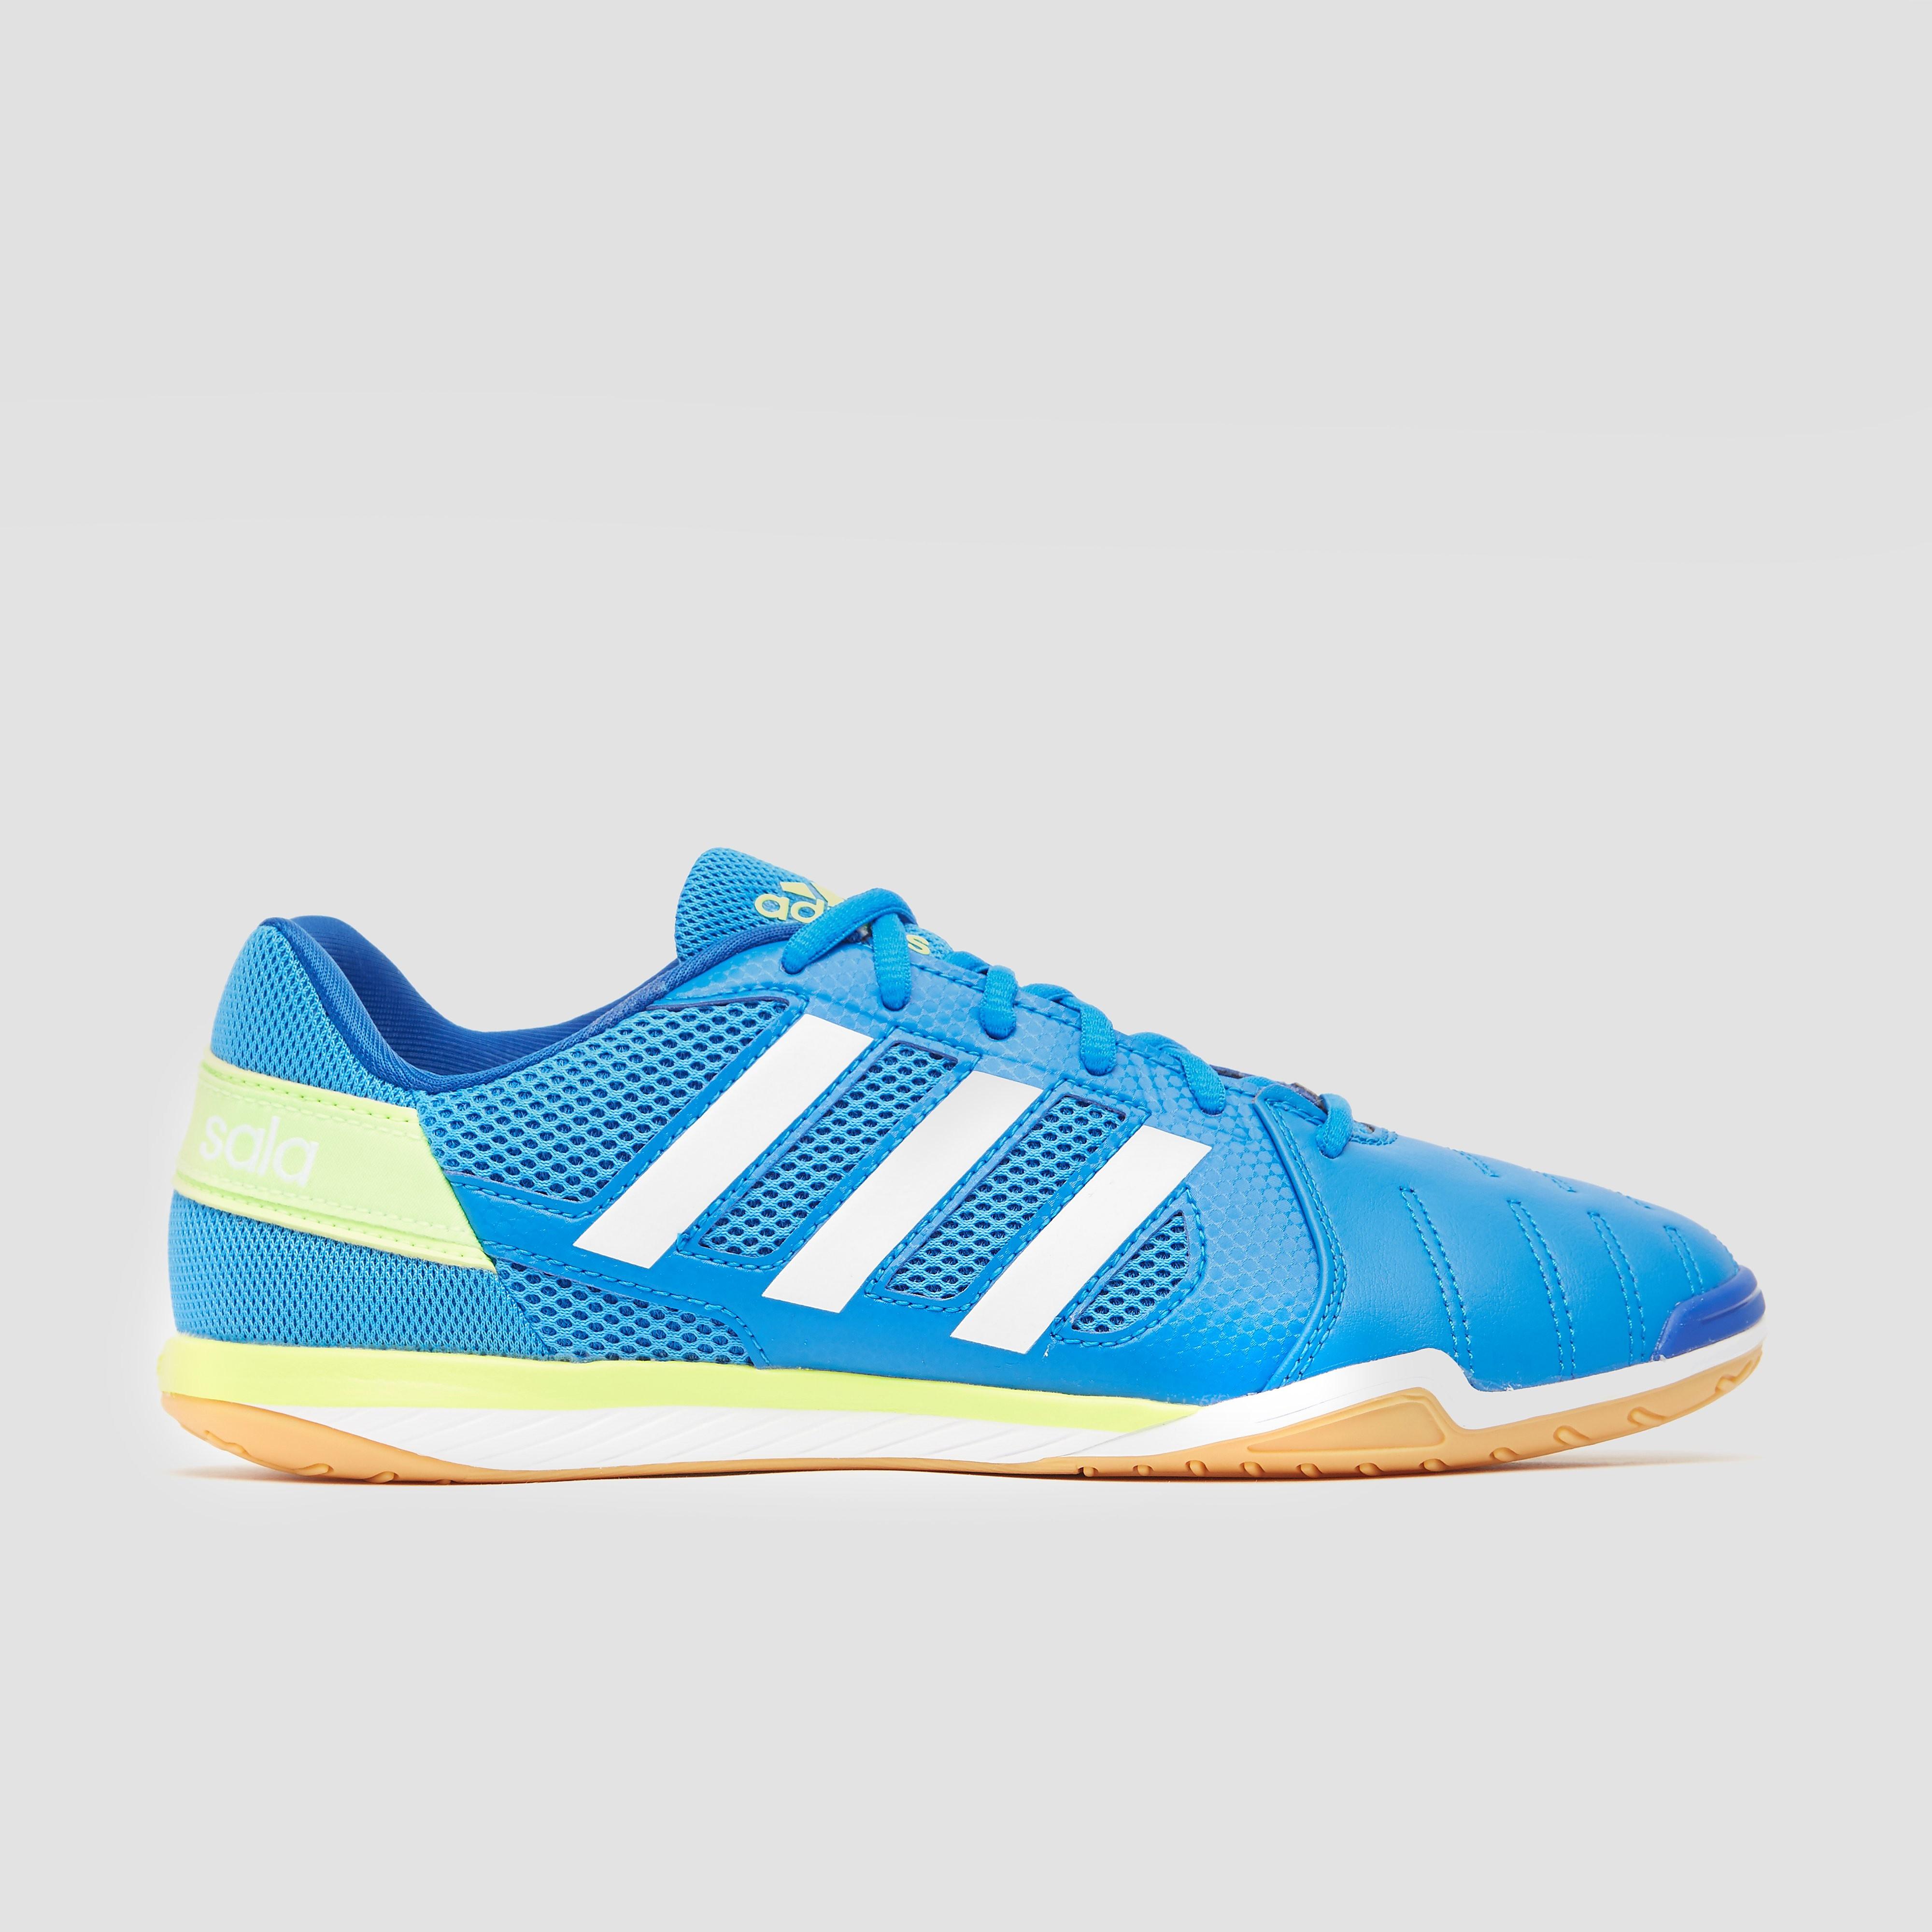 Adidas Zaalvoetbalschoenen Top Sala blauw-groen